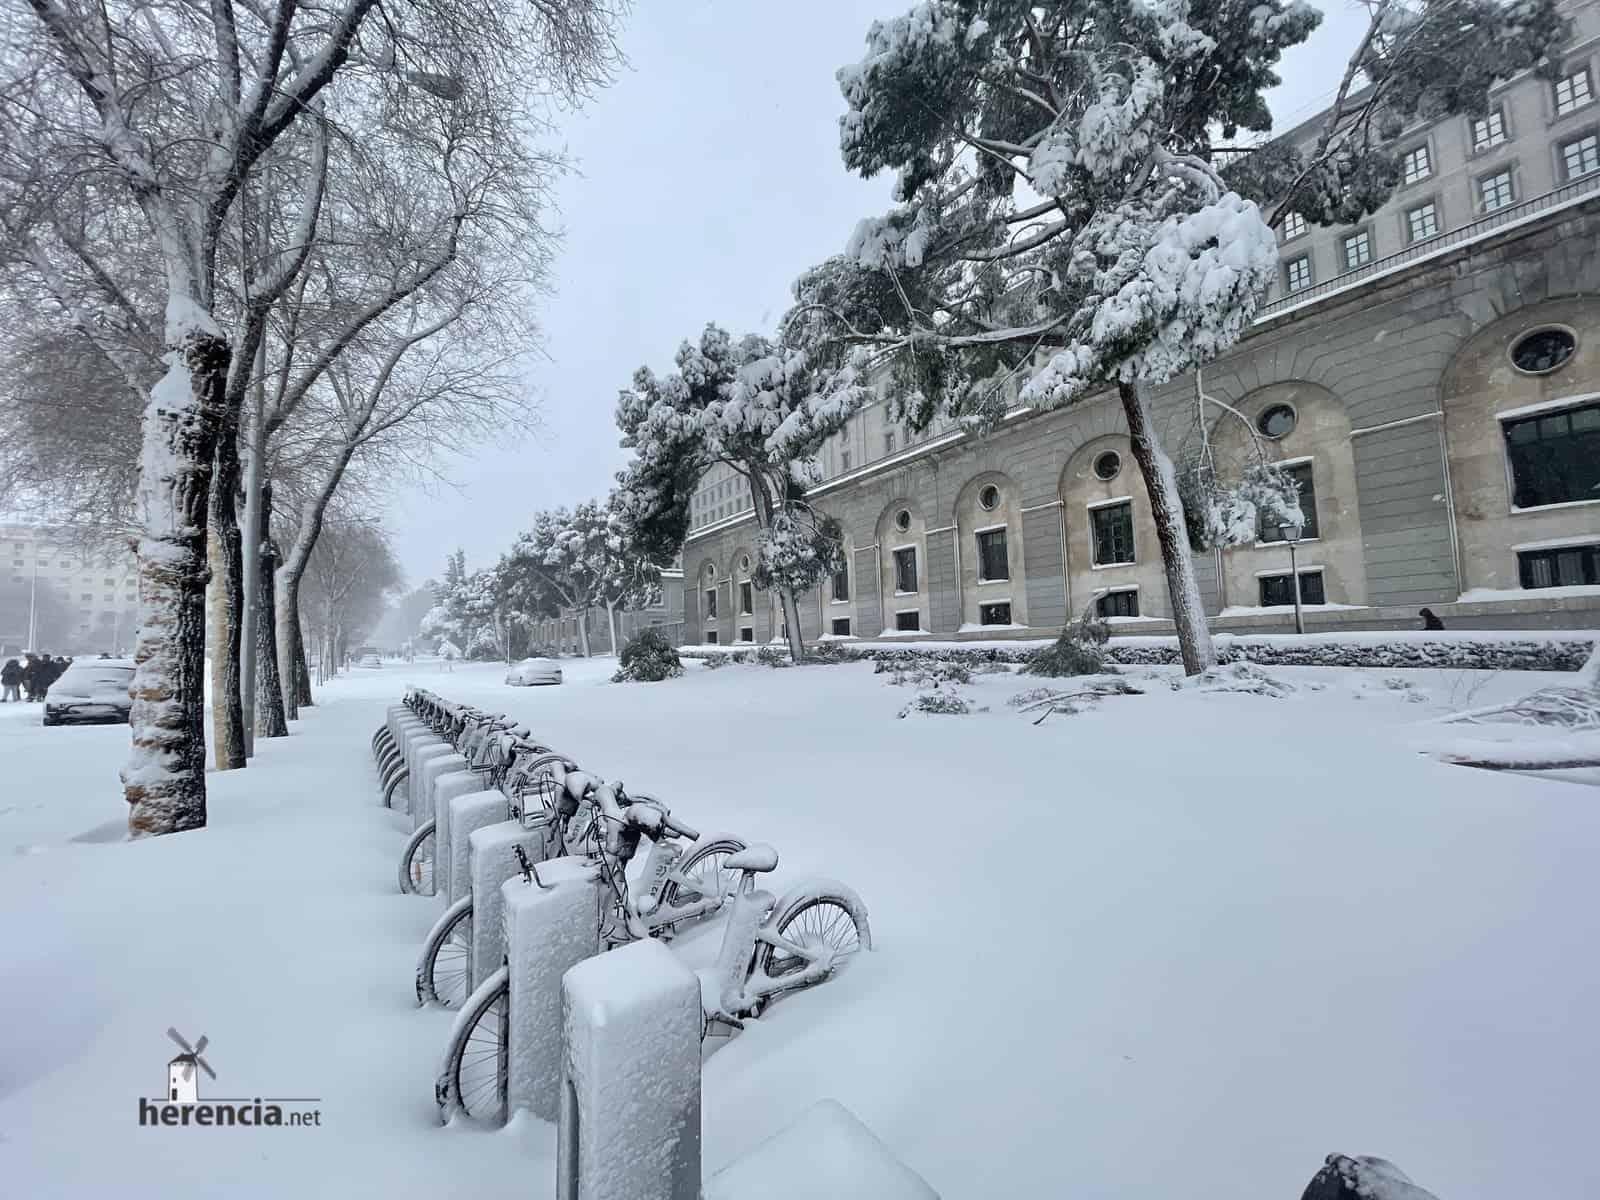 Fotografías de la nevada de enero en Madrid (España) 210